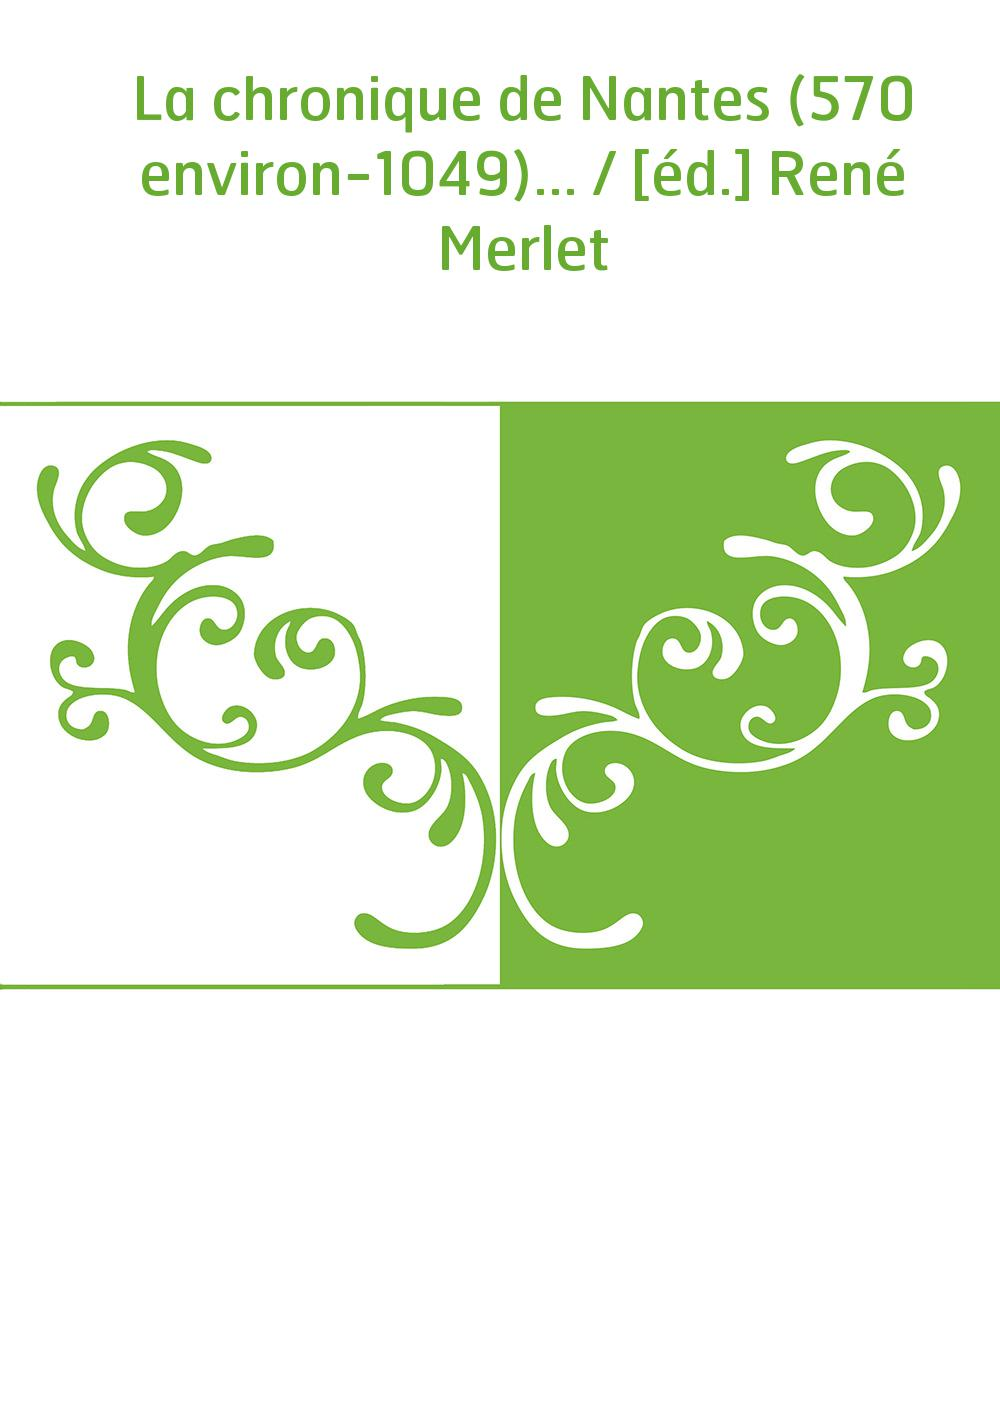 La chronique de Nantes (570 environ-1049)... / [éd.] René Merlet